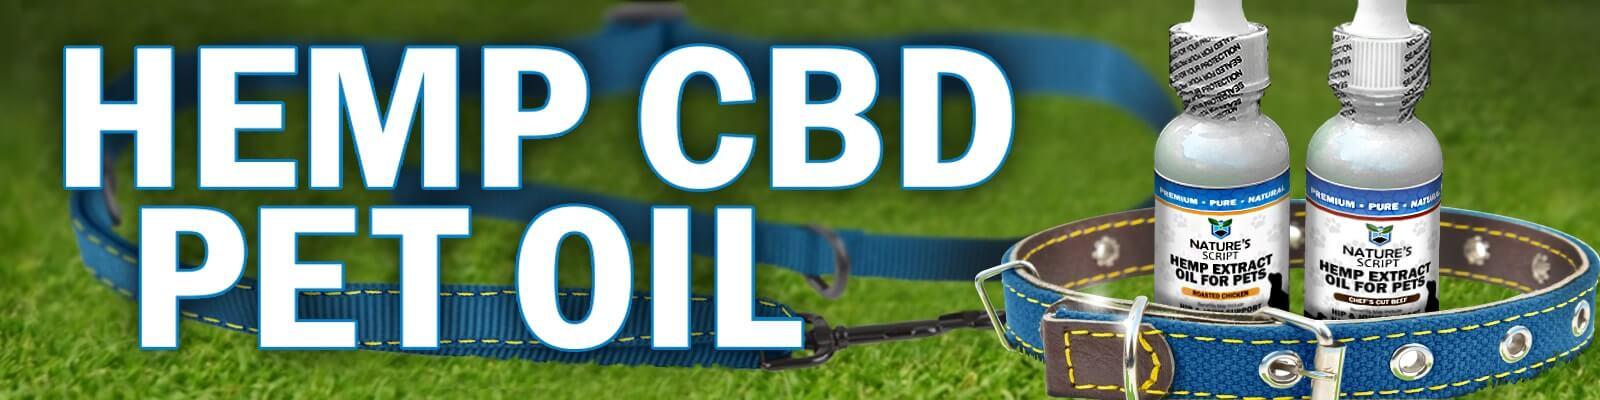 hemp cbd pet oil